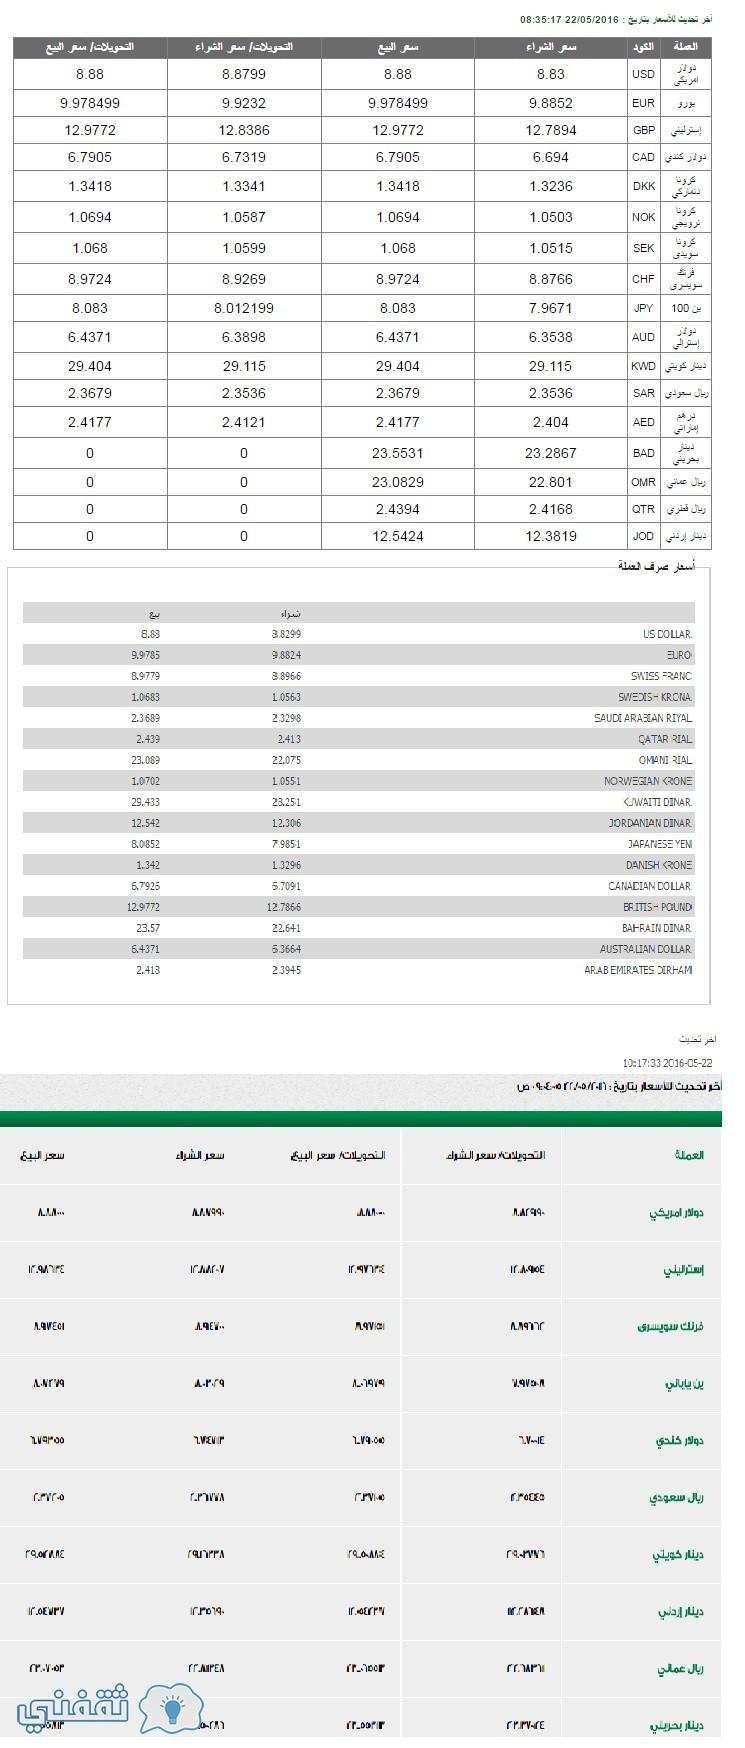 اسعار العملات فى البنوك المصرية